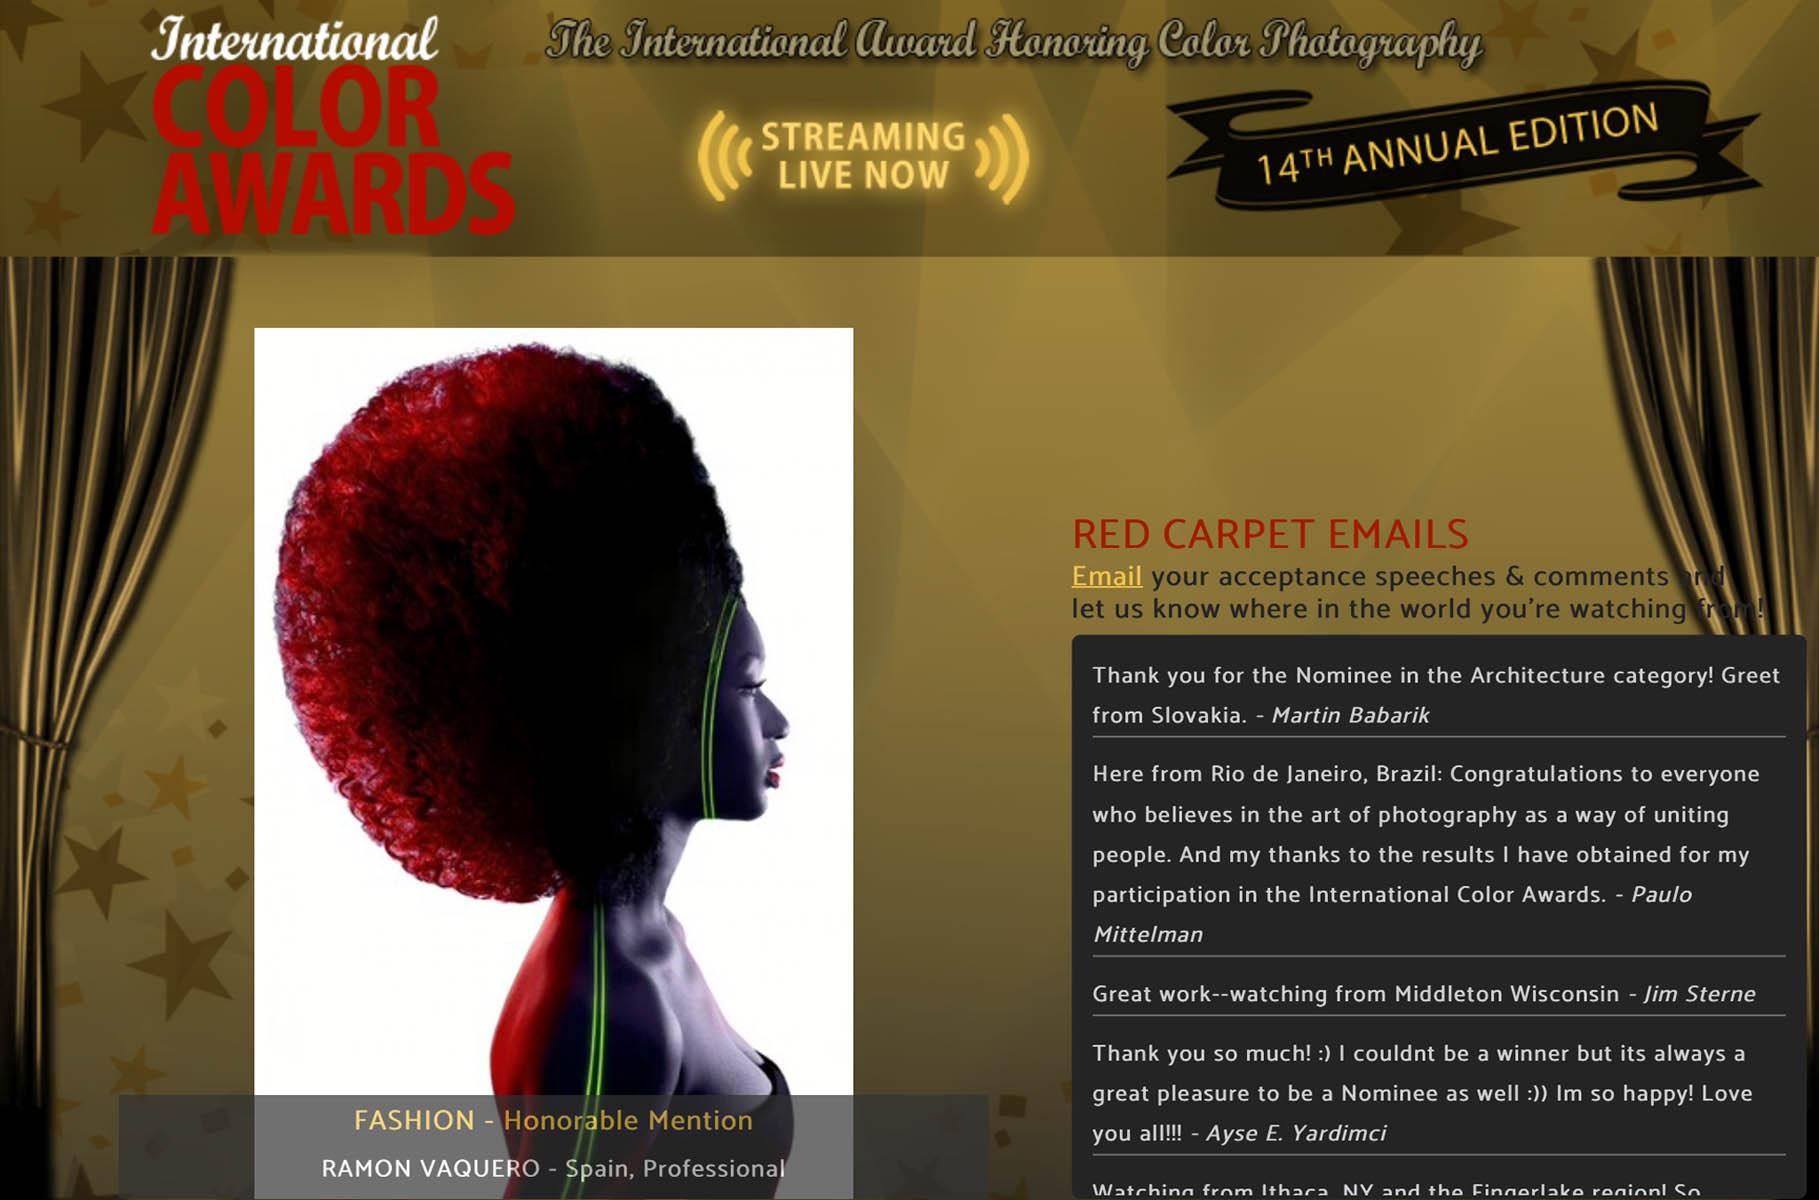 ramon-vaquero_color-awards-1